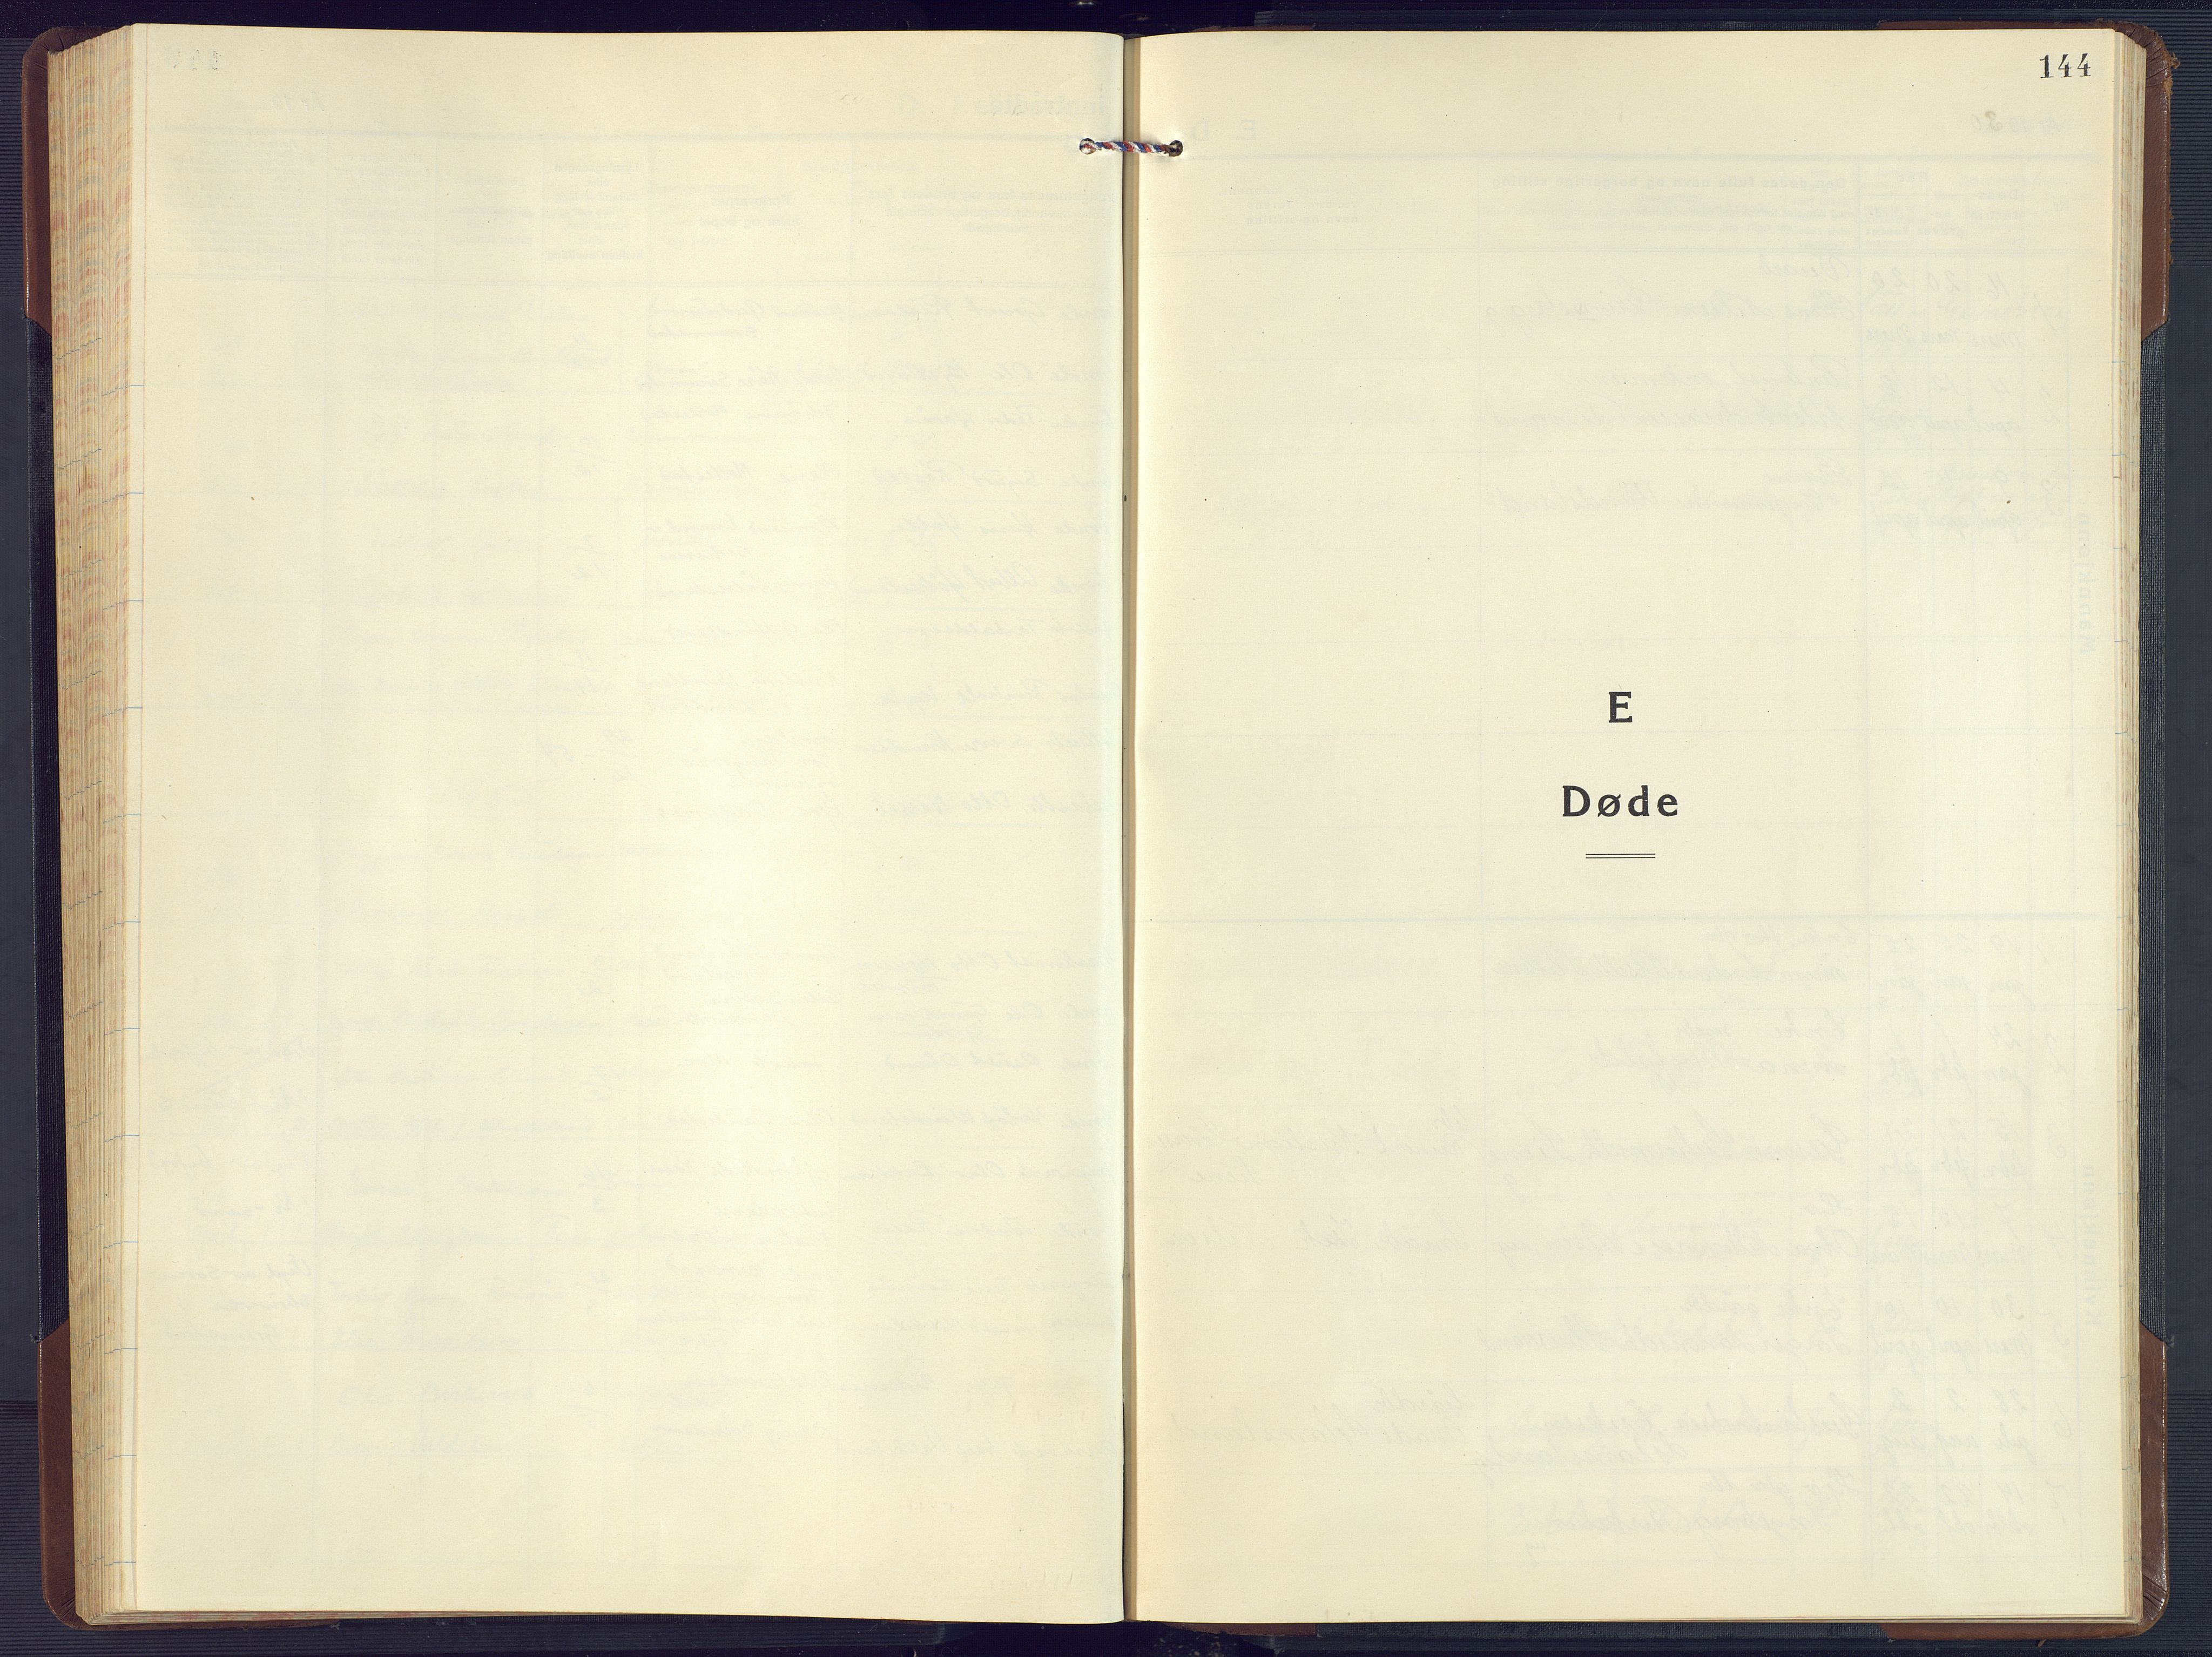 SAK, Birkenes sokneprestkontor, F/Fb/L0005: Klokkerbok nr. B 5, 1930-1957, s. 144